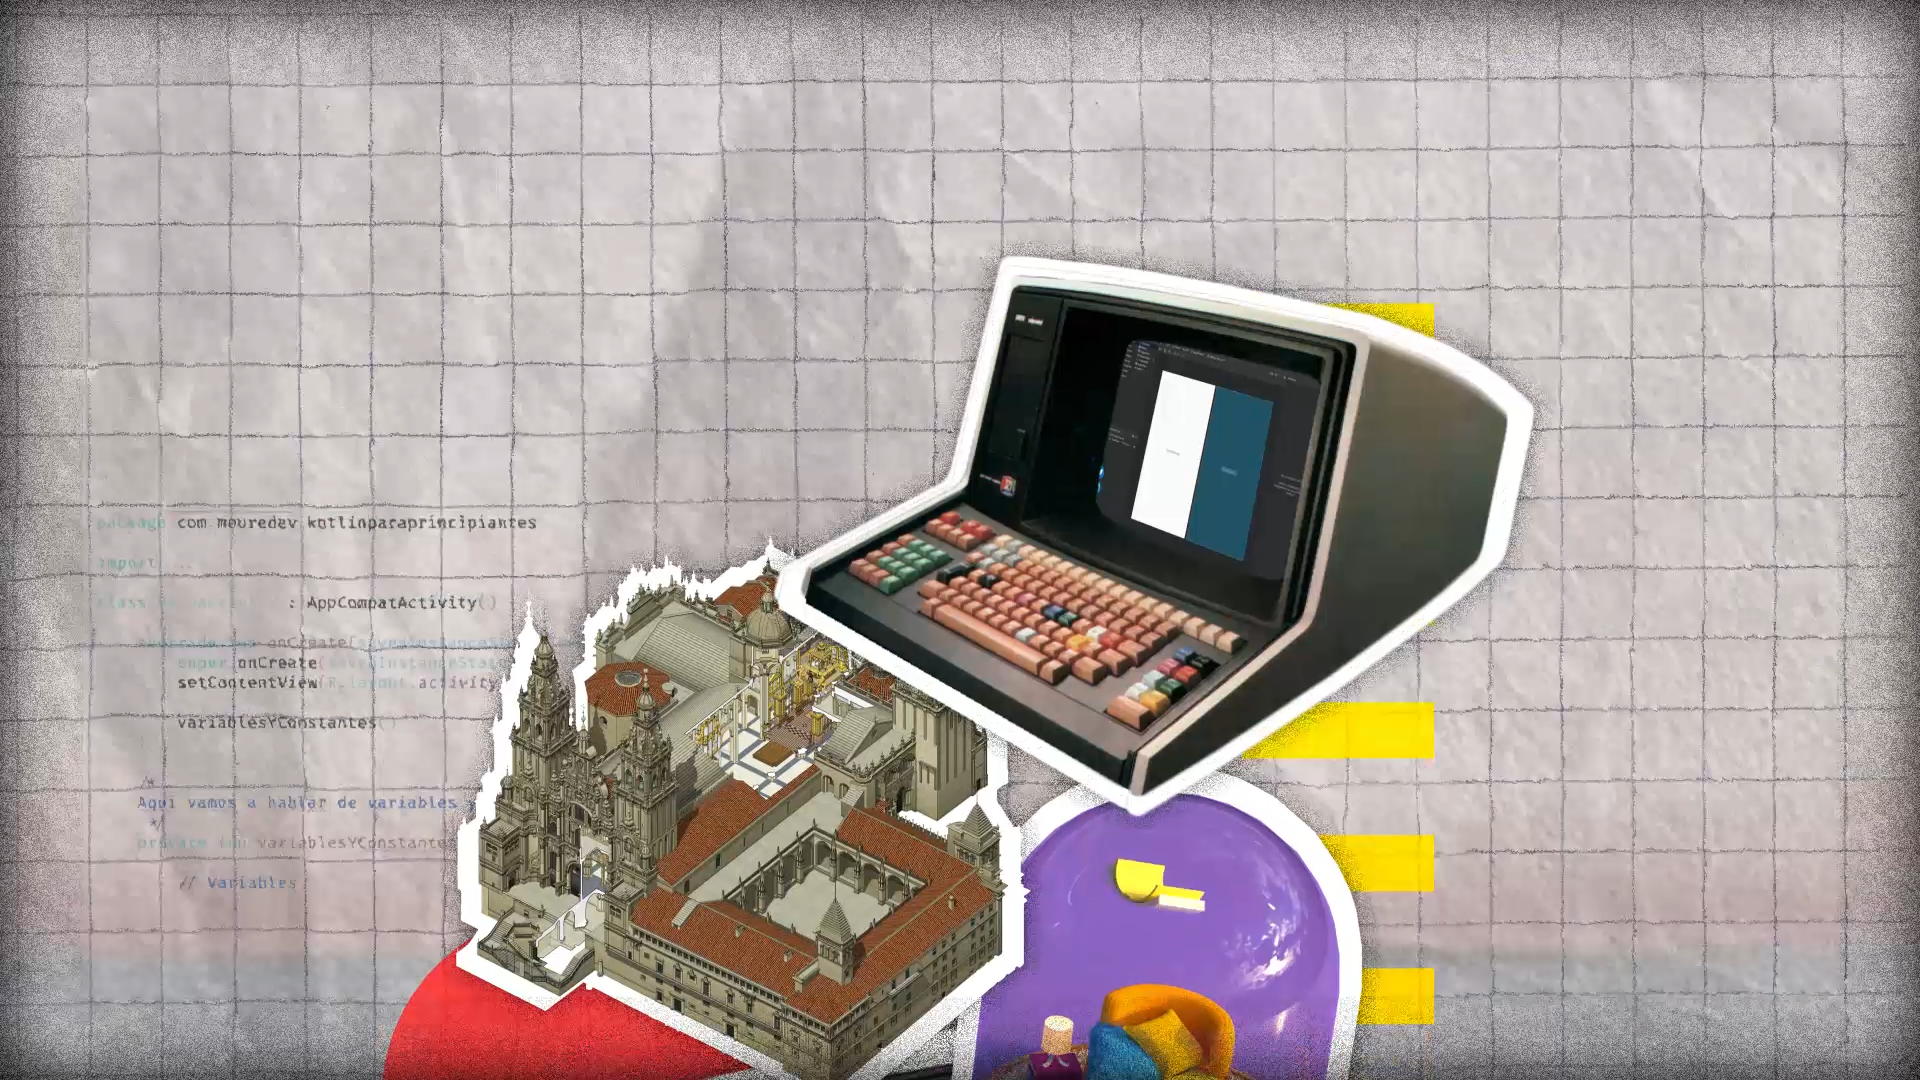 A imaxe, extraída do webdoc Artesanías Dixitais, fai referencia ao proceso de desenvolvementocreativo, no que se mesturan debuxo, ferramentas de deseño e tecnoloxía